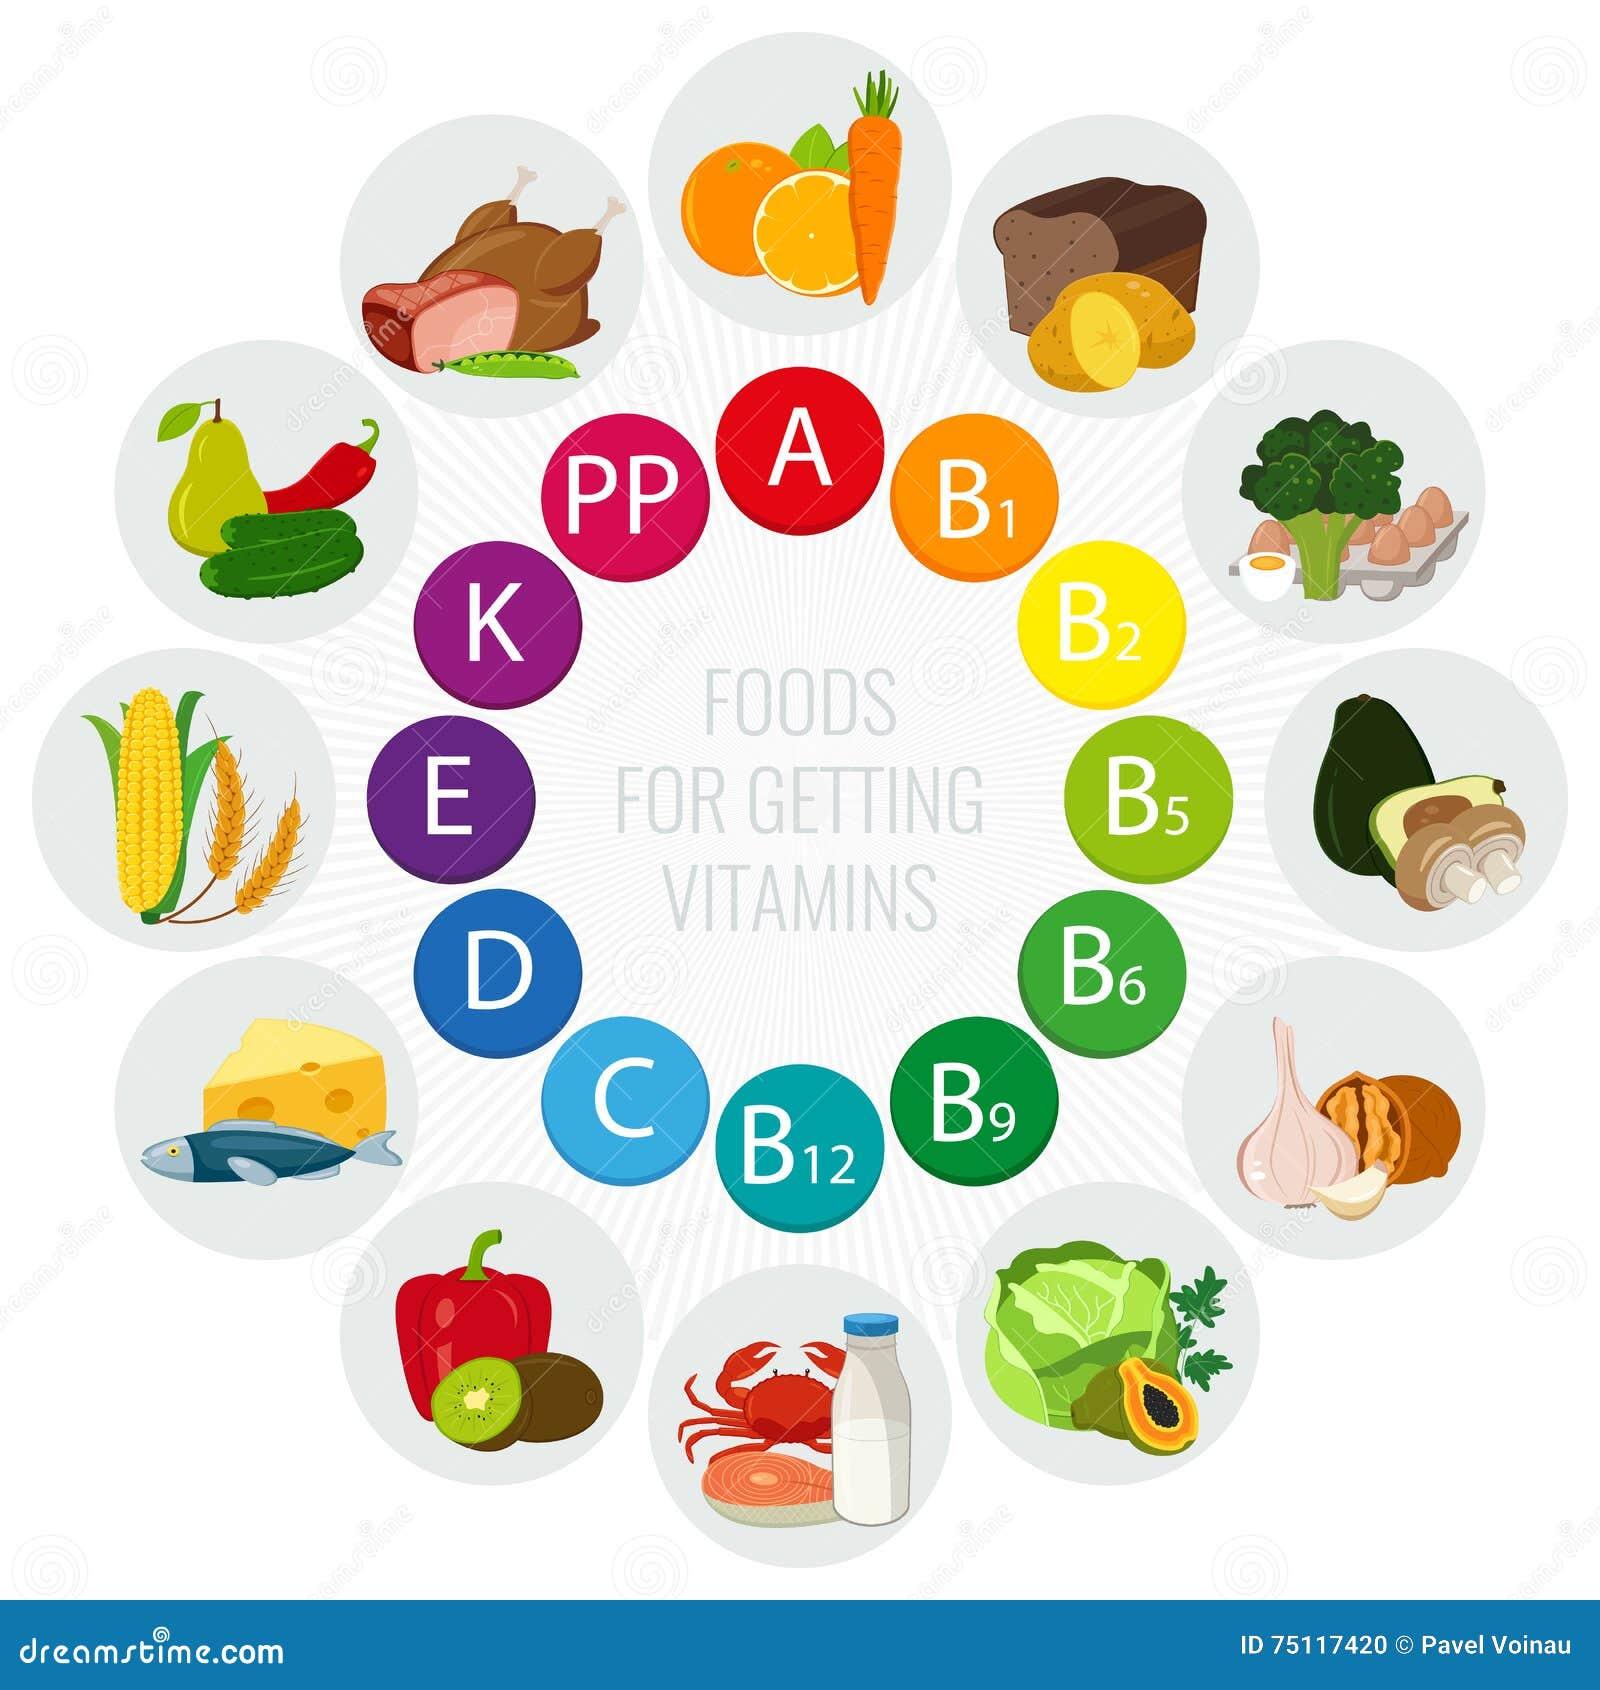 Πηγές τροφίμων βιταμινών Ζωηρόχρωμο διάγραμμα ροδών με τα εικονίδια τροφίμων Υγιής έννοια κατανάλωσης και υγειονομικής περίθαλψης